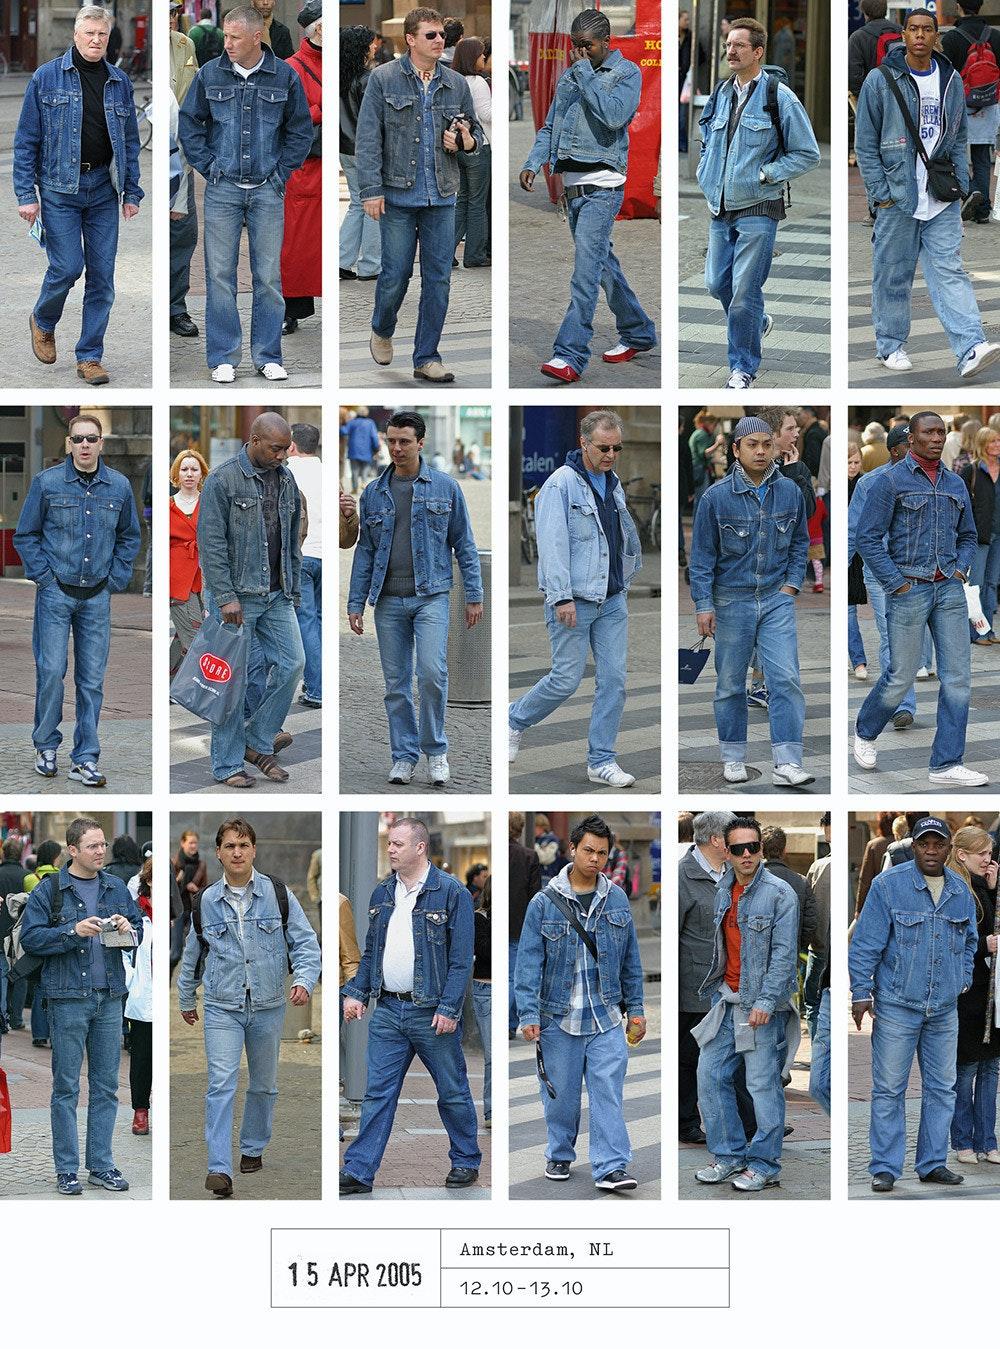 是花費 20 年才完成的街頭服飾攝影集,沒想到流行的都一樣這篇文章的首圖